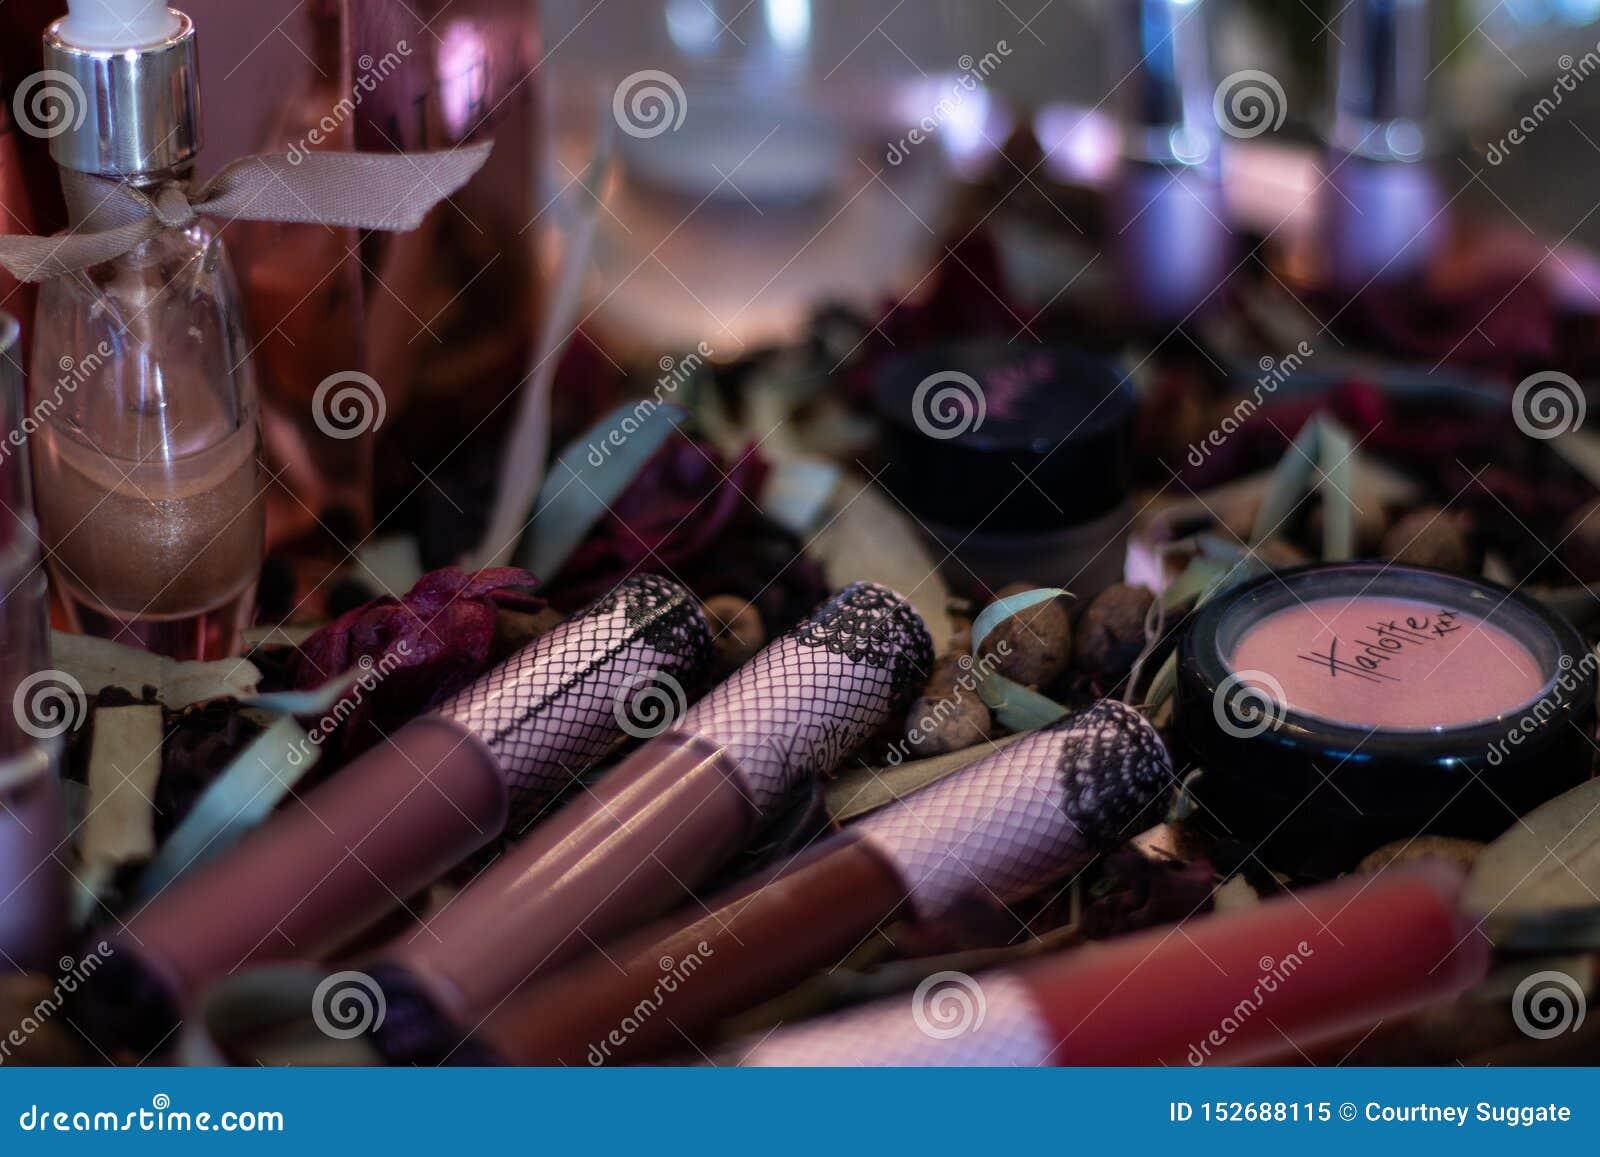 Parfum assorti de rouge à lèvres de produits de beauté sur le lit des pétales